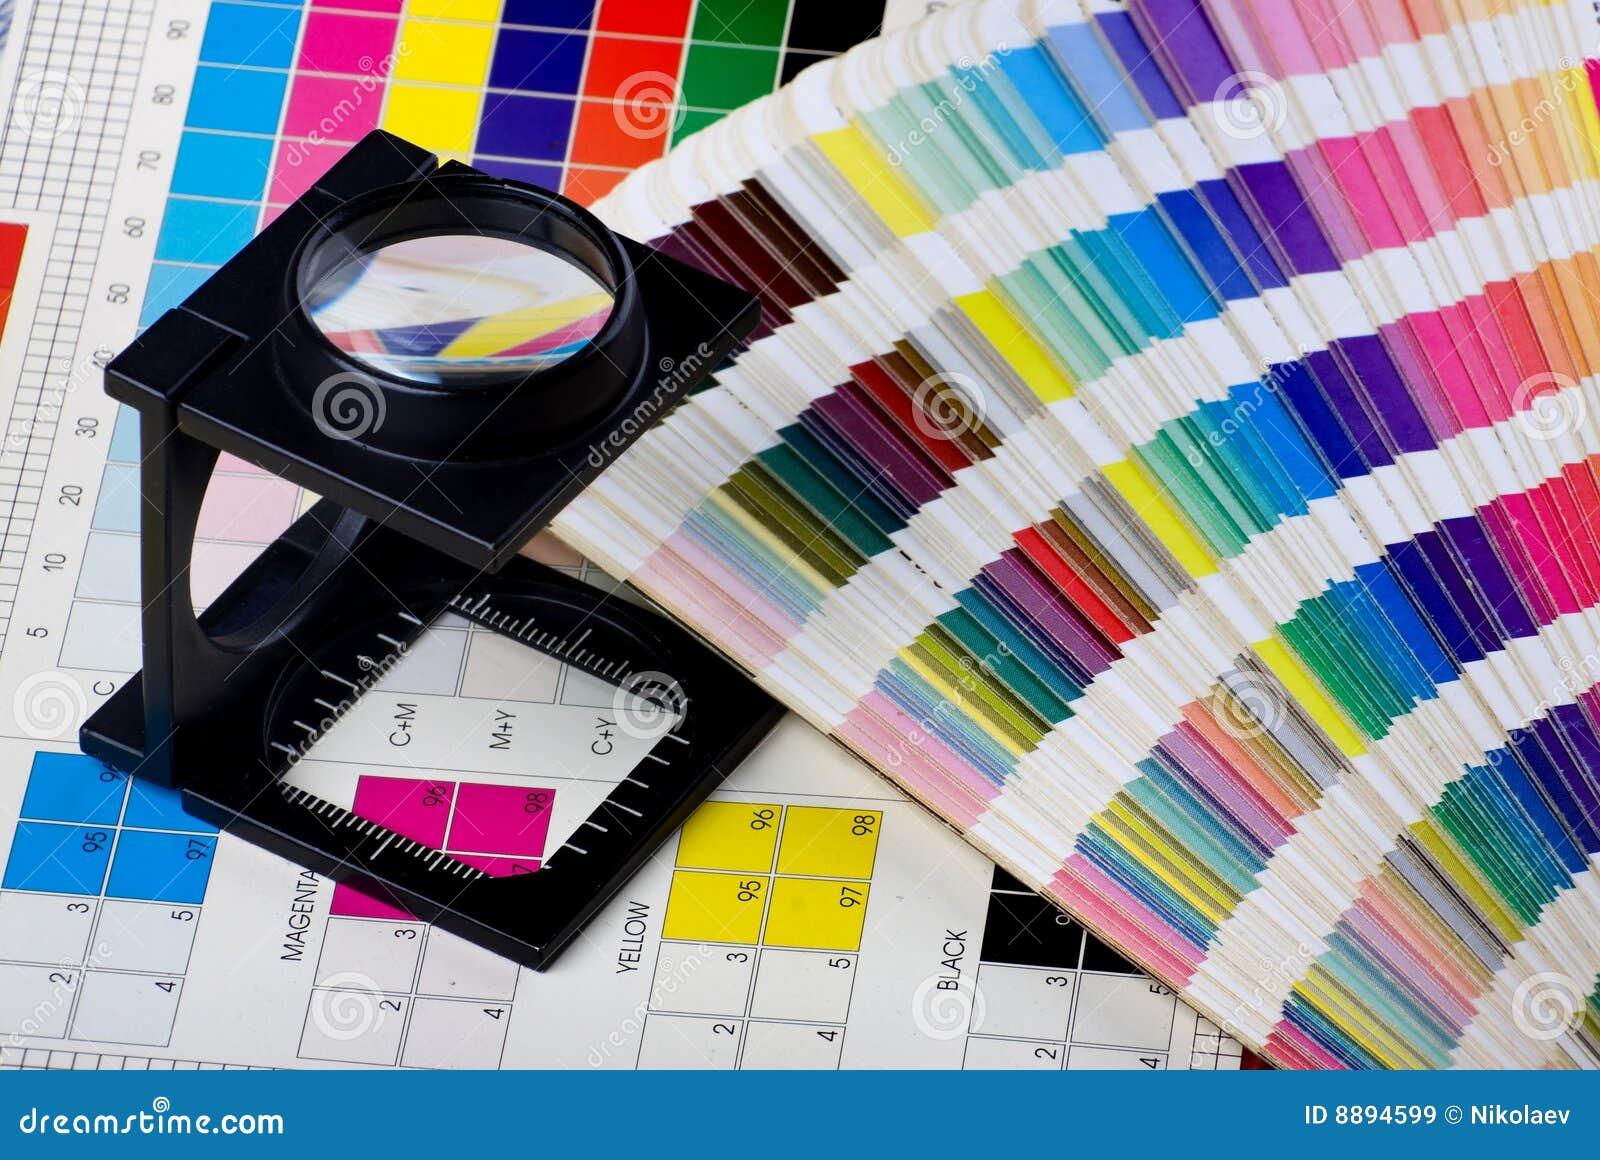 Jogo da gerência de cor